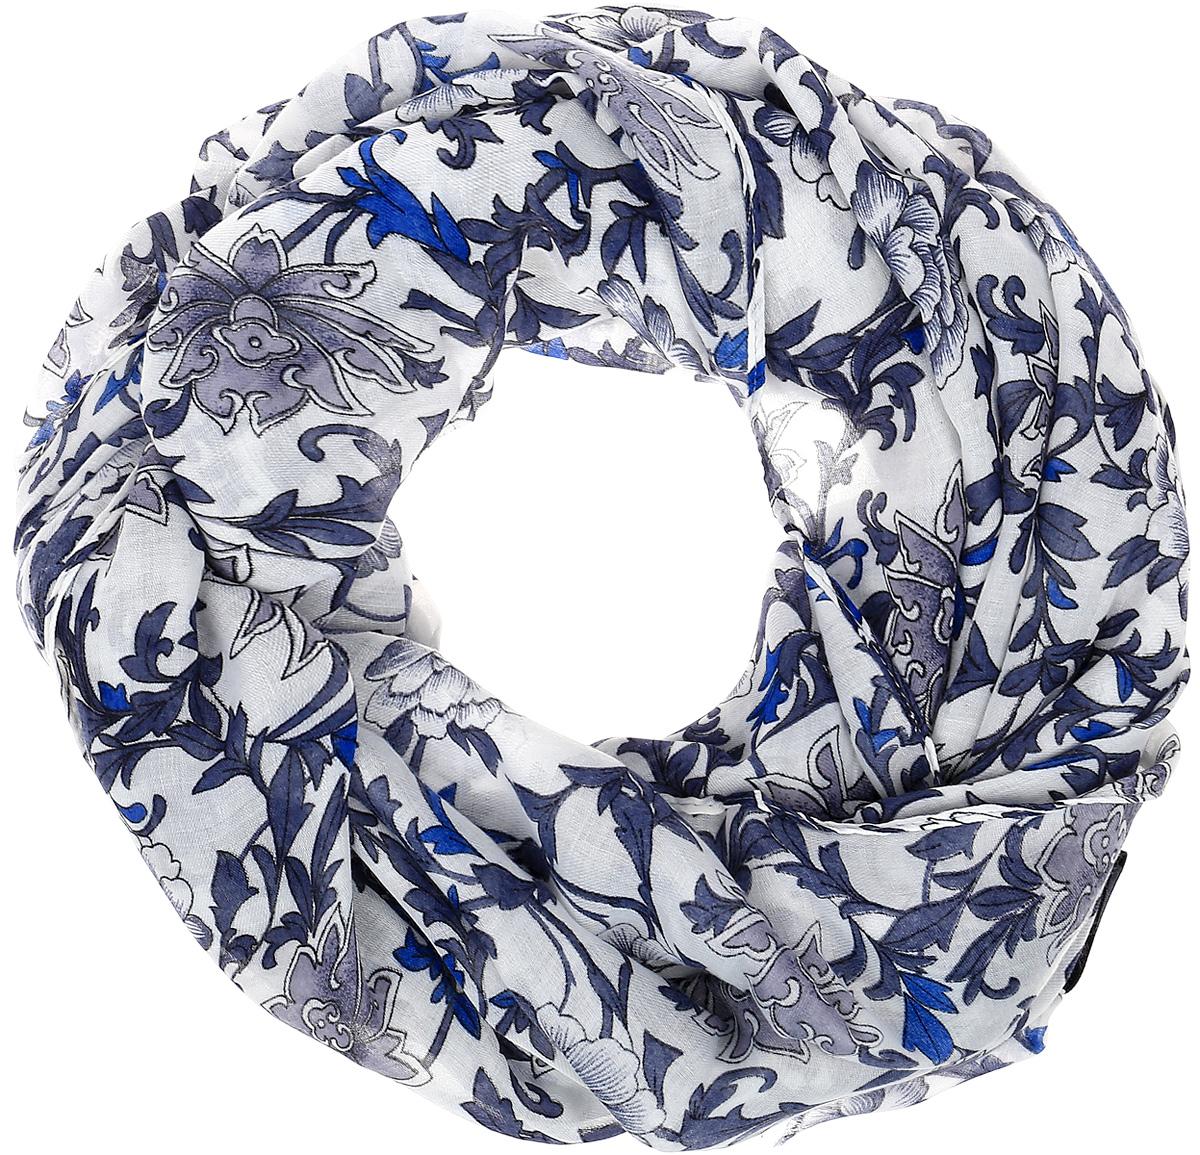 Палантин Sophie Ramage, цвет: синий, белый. YY-21607-3. Размер 80 см х 180 смYY-21607-3Элегантный палантин Sophie Ramage станет достойным завершением вашего образа. Палантин изготовлен из высококачественного модала с добавлением шелка. Оформлена модель стильным цветочным принтом. Палантин красиво драпируется, он превосходно дополнит любой наряд и подчеркнет ваш изысканный вкус. Легкий и изящный палантин привнесет в ваш образ утонченность и шарм.